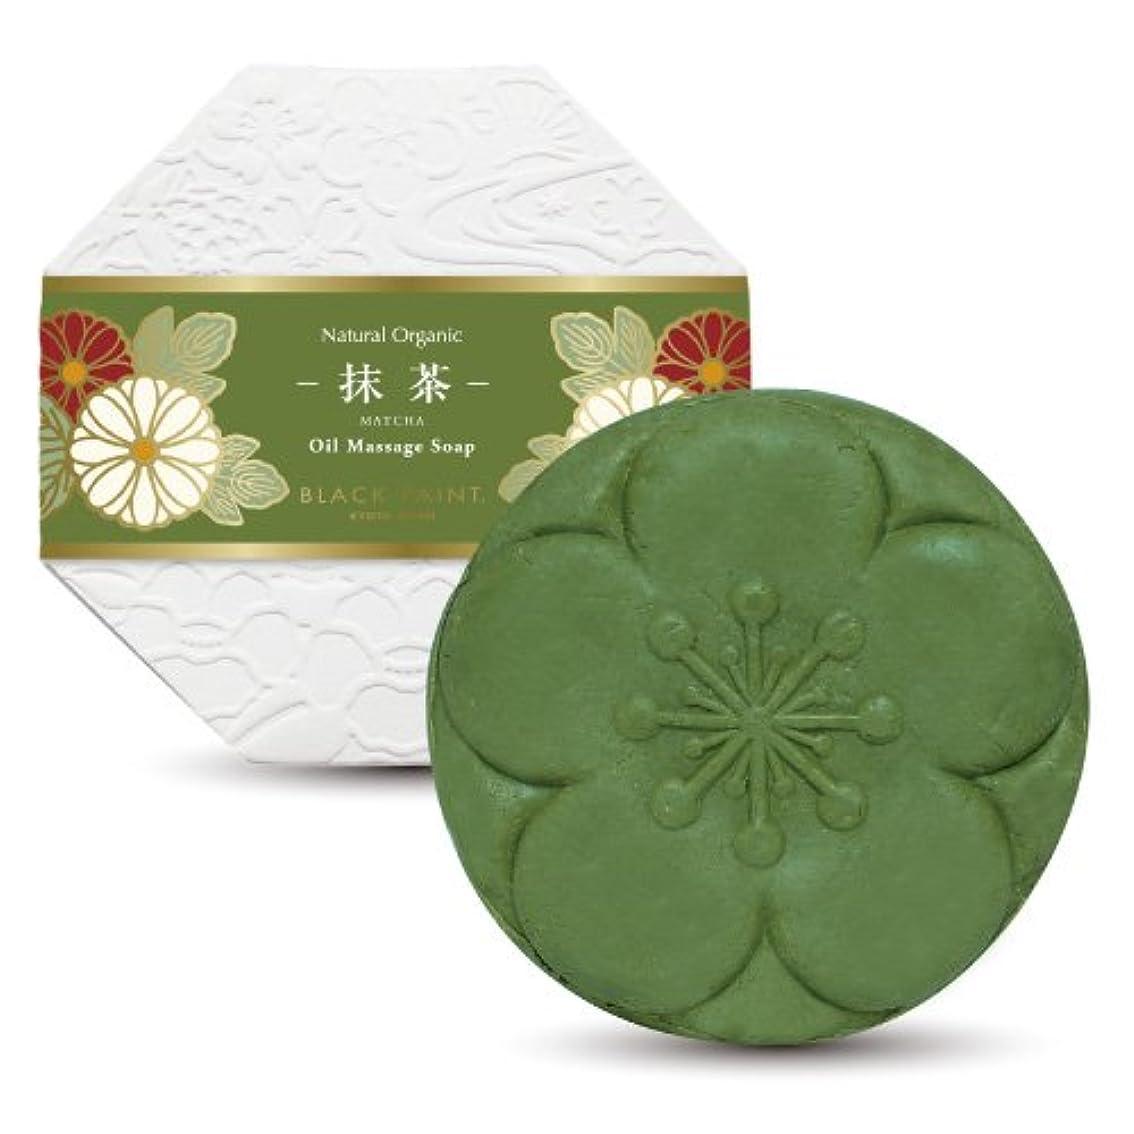 有罪きょうだい農夫京のお茶石鹸 抹茶 120g 塗る石鹸